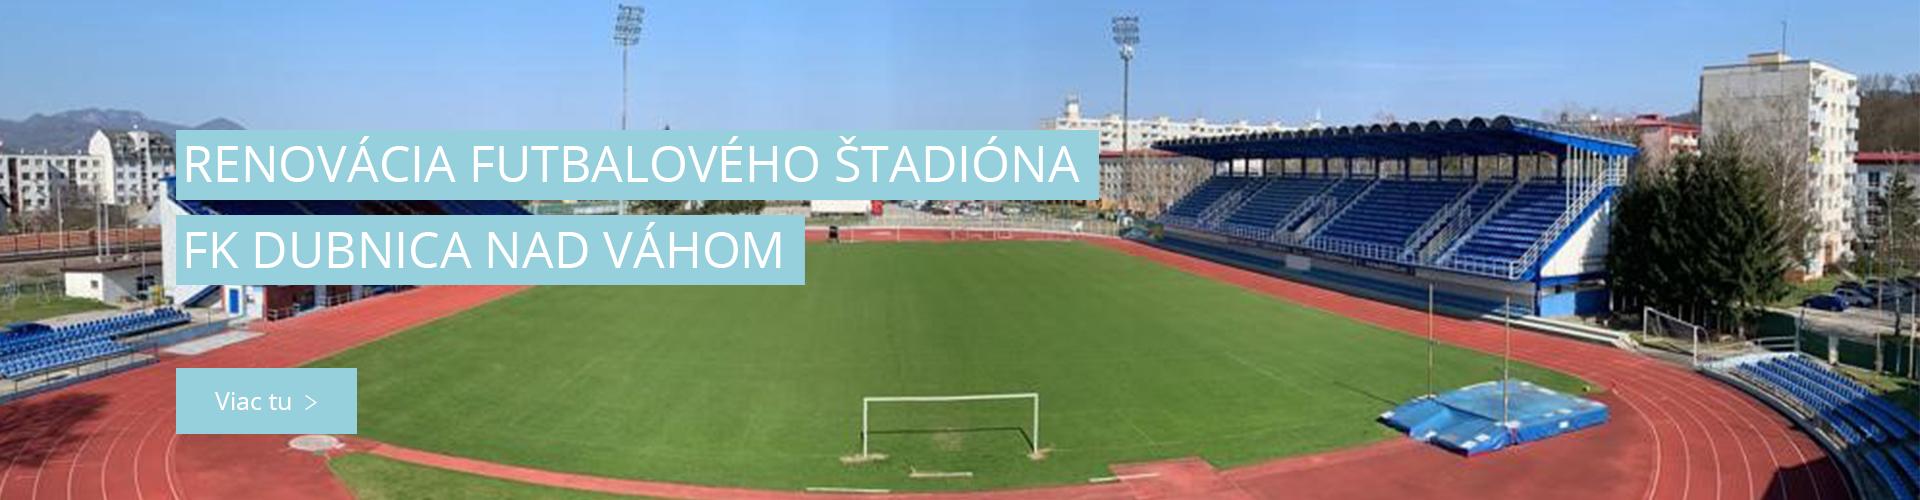 Renovácia futbalového štadióna